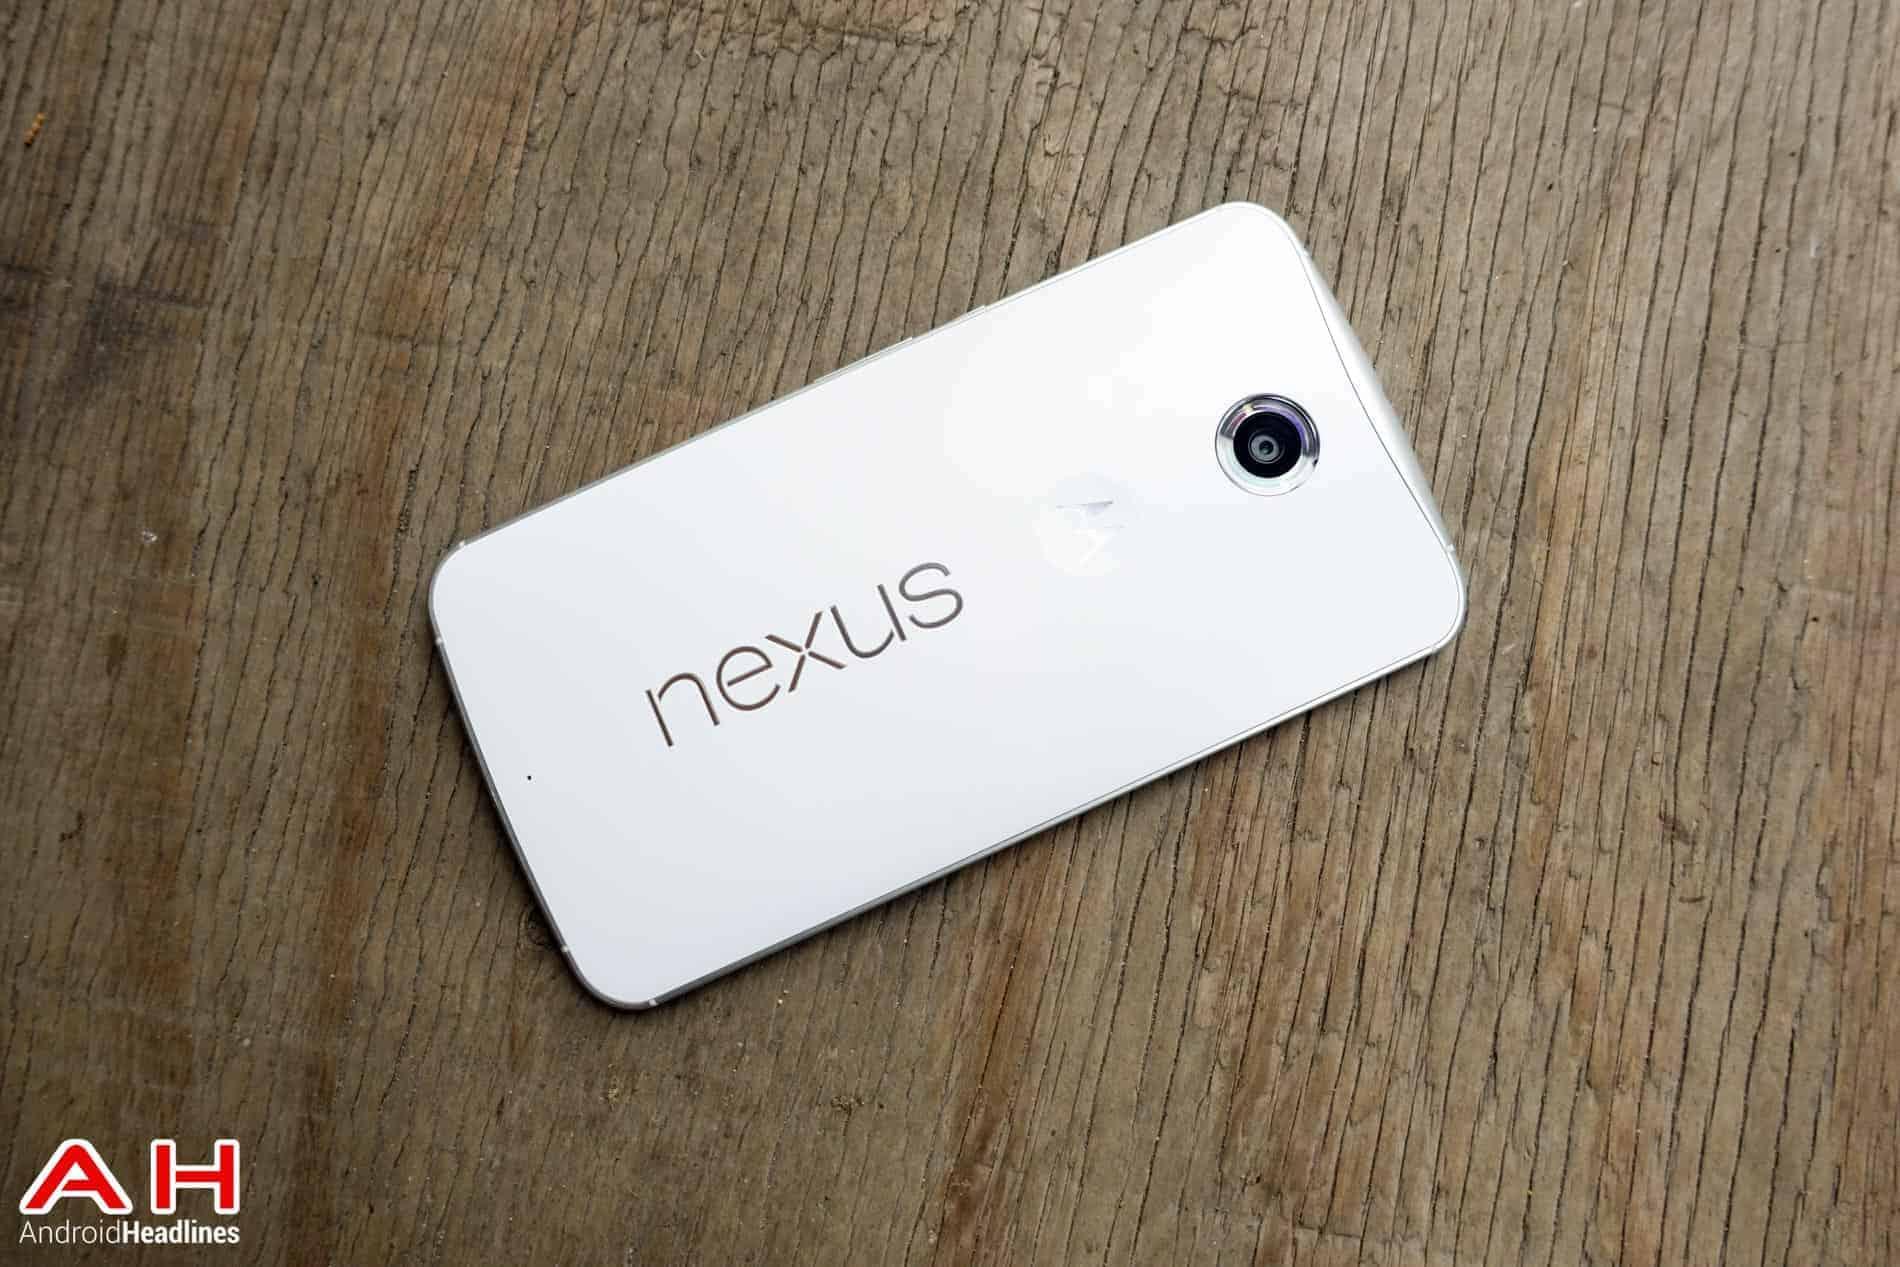 Nexus 6 AH 11